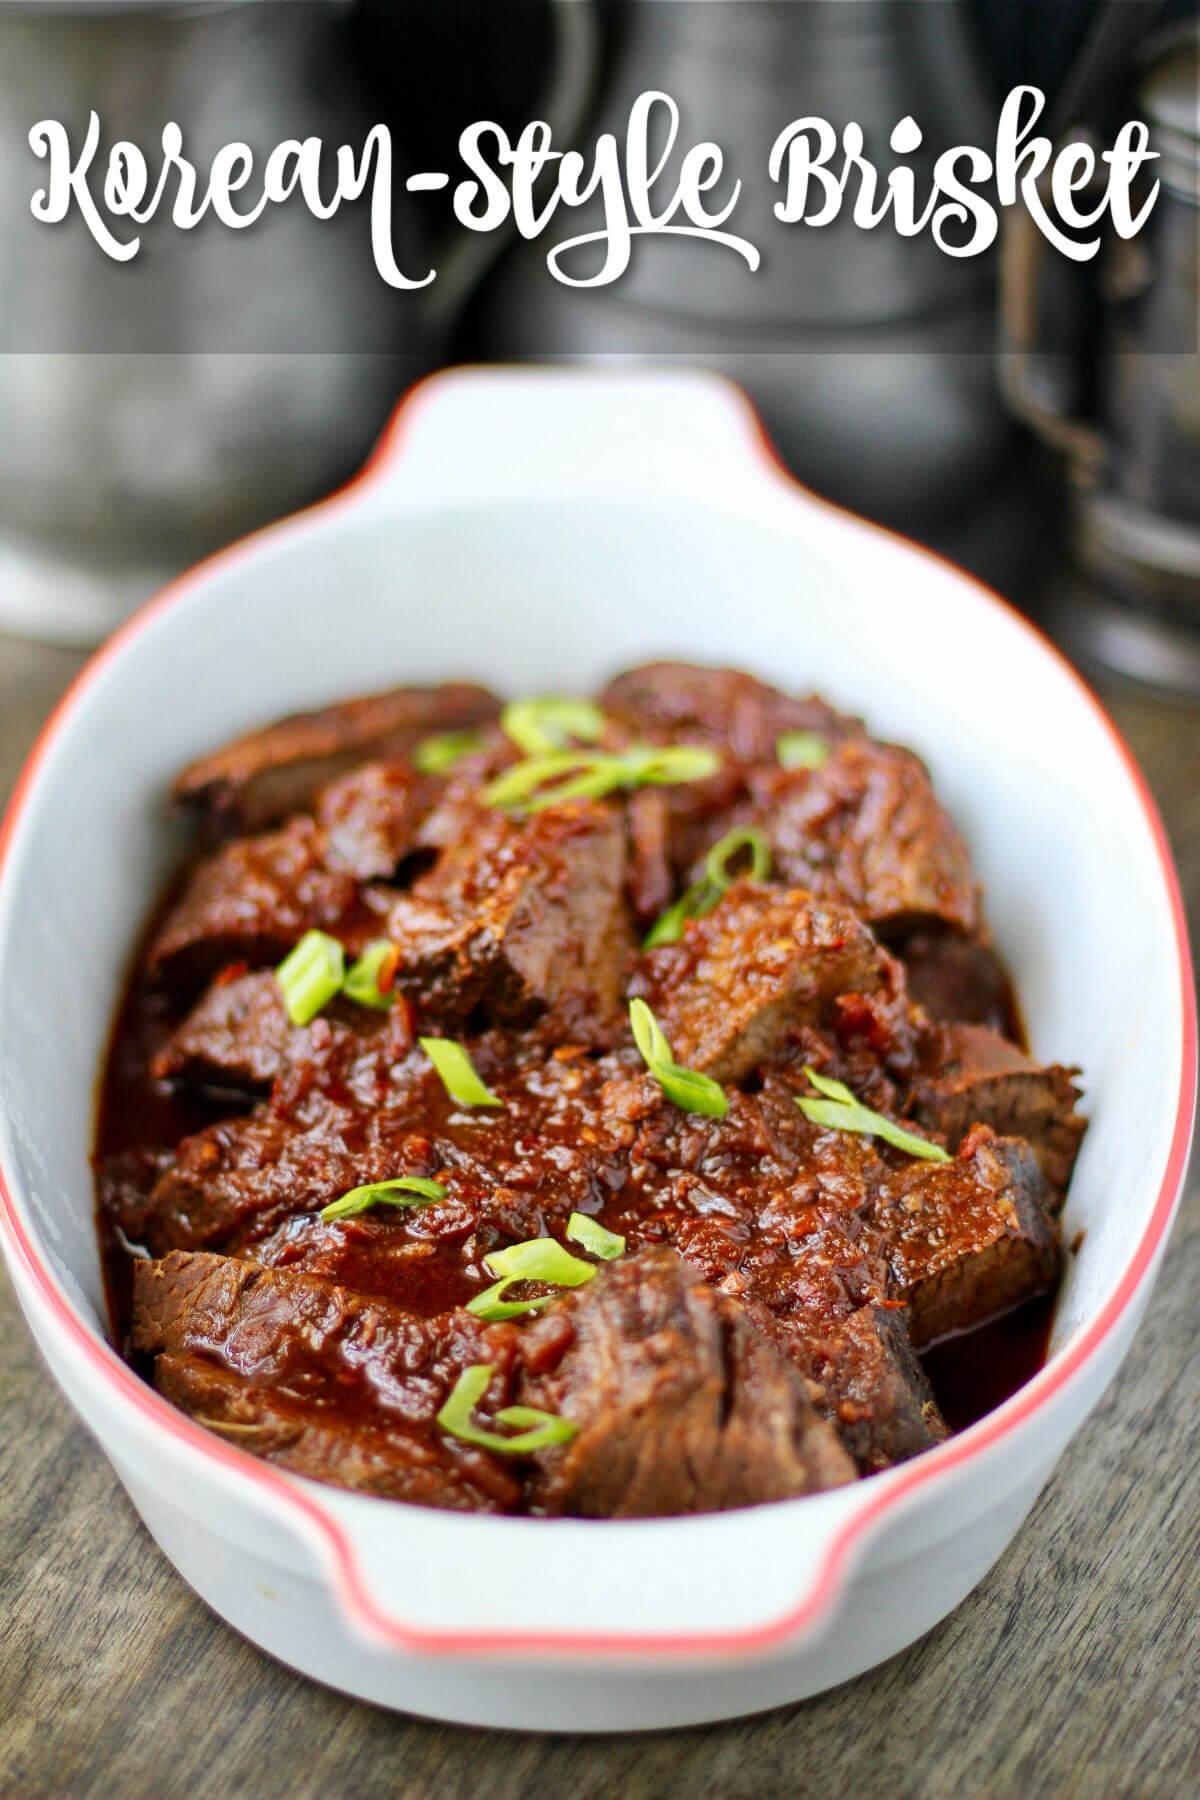 Korean-Style Chile-Braised Brisket on serving platter